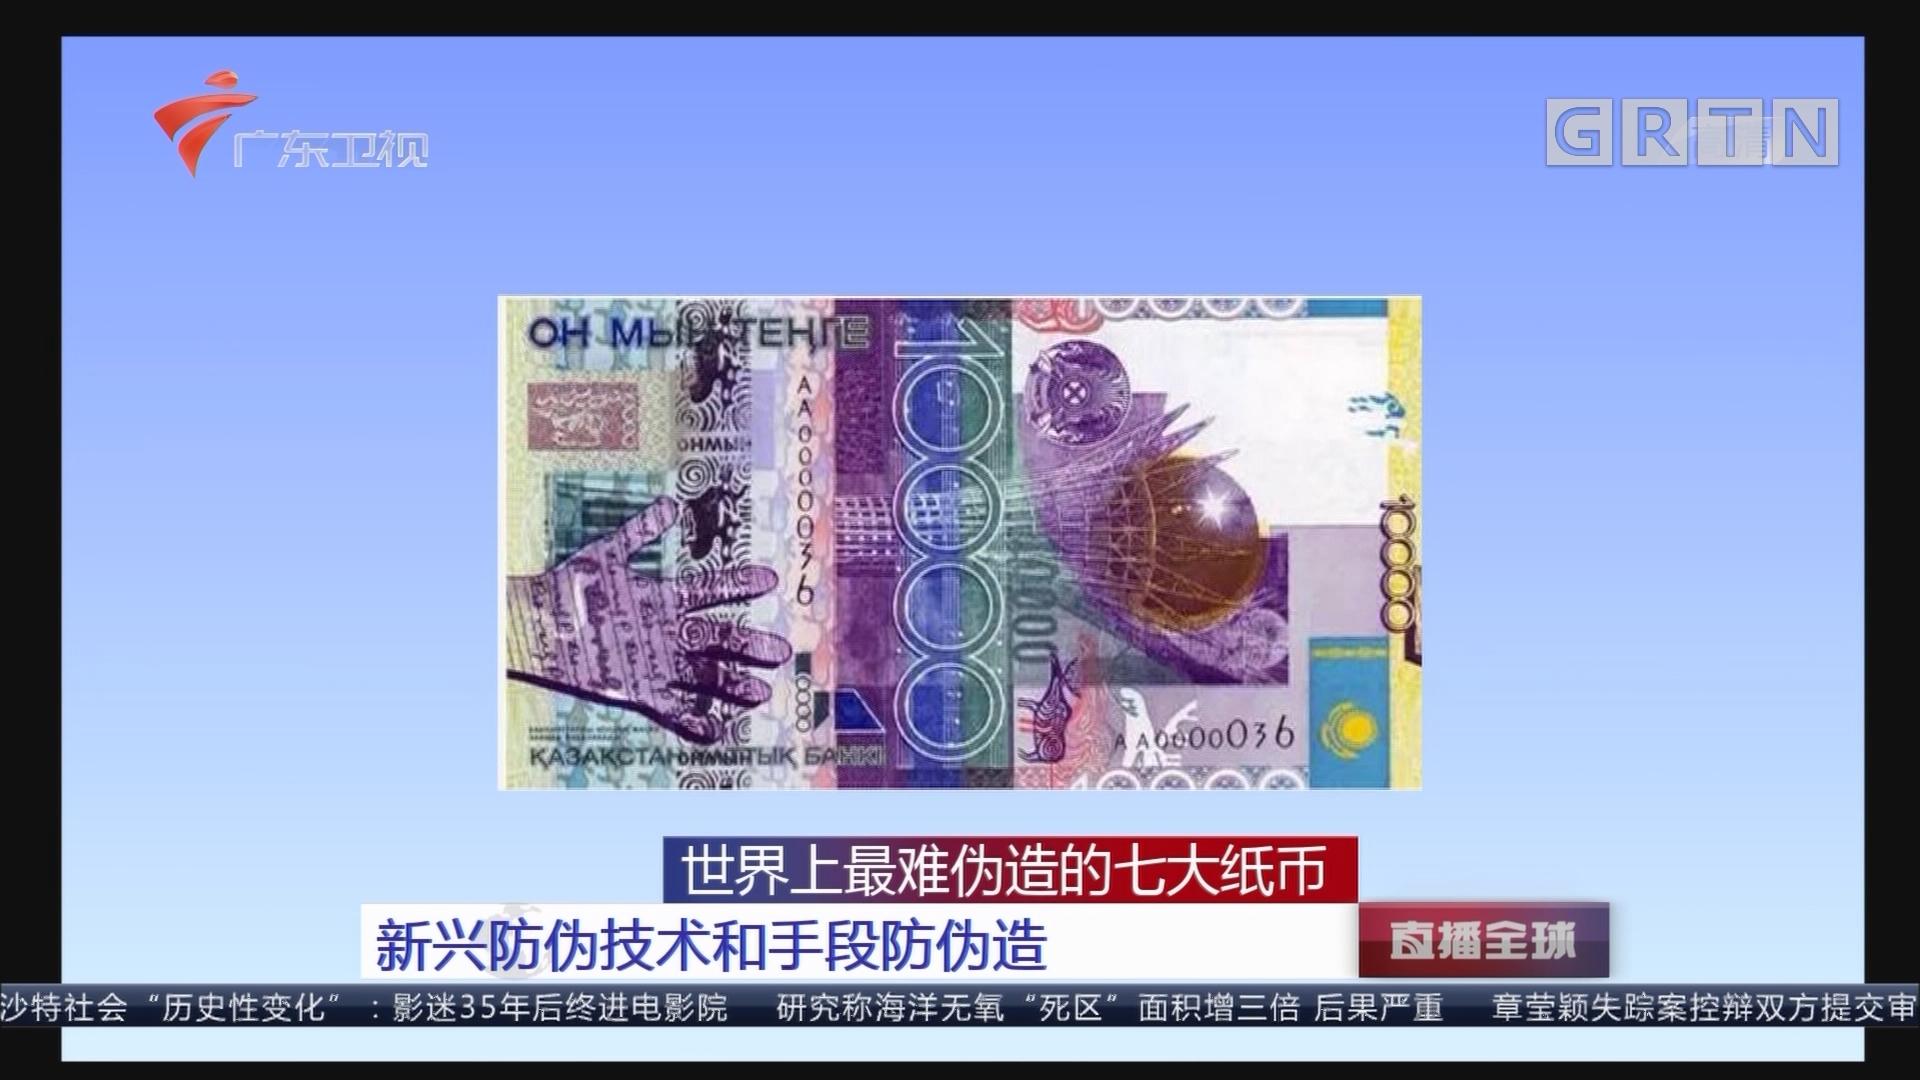 世界上最难伪造的七大纸币 新兴防伪技术和手段防伪造